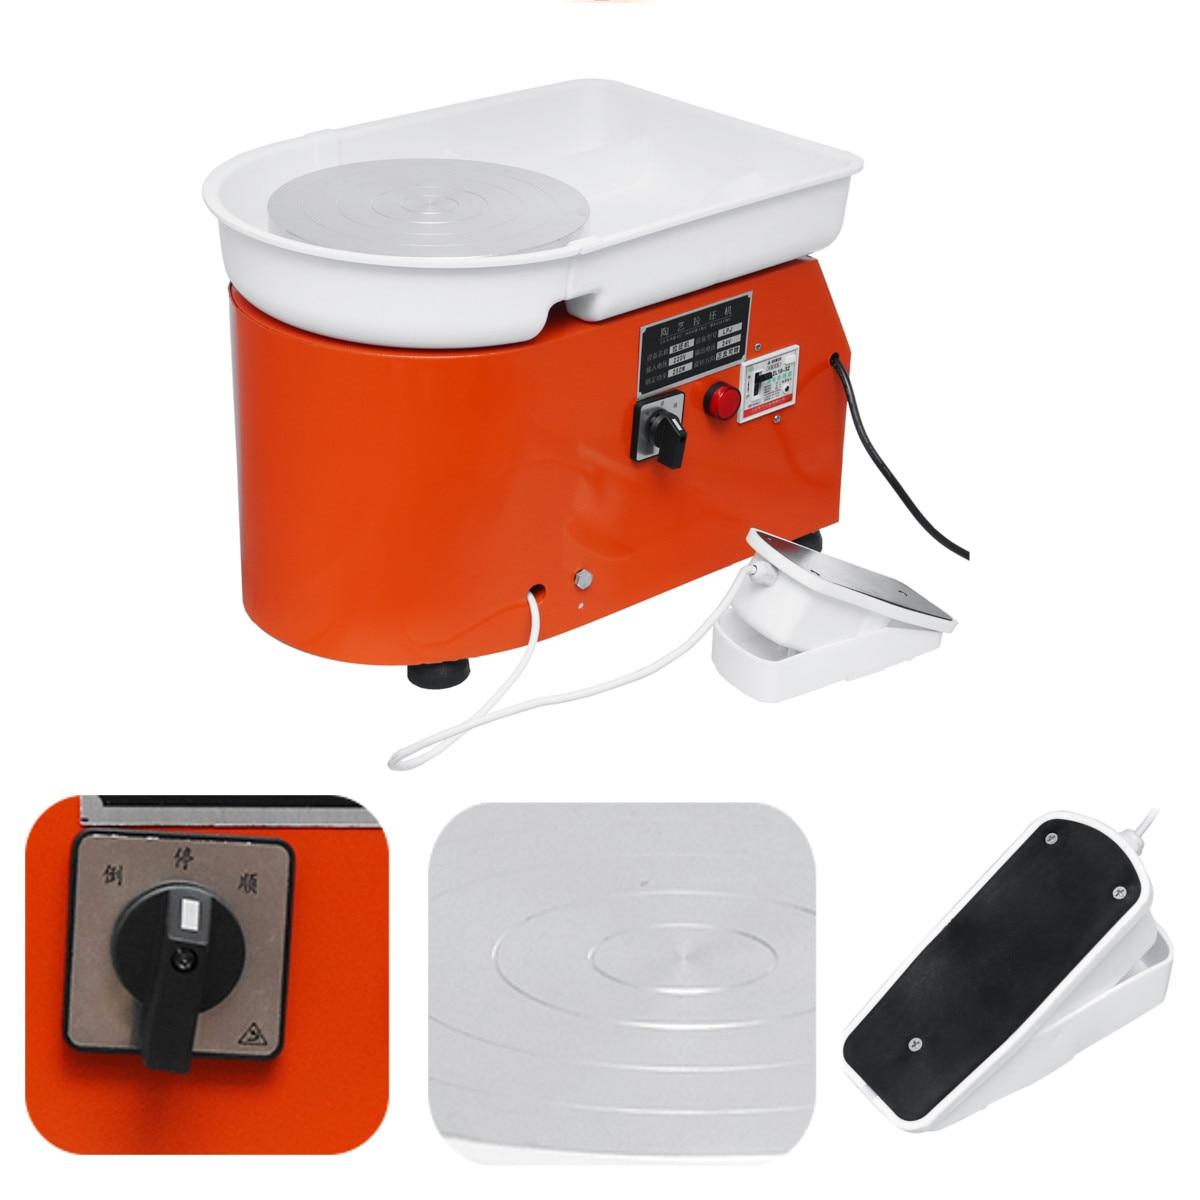 Poterie formant la Machine 110 V/220 V 350 W poterie électrique roue argile pour travaux pratiques outil avec plateau pédale Flexible pour les travaux en céramique - 3